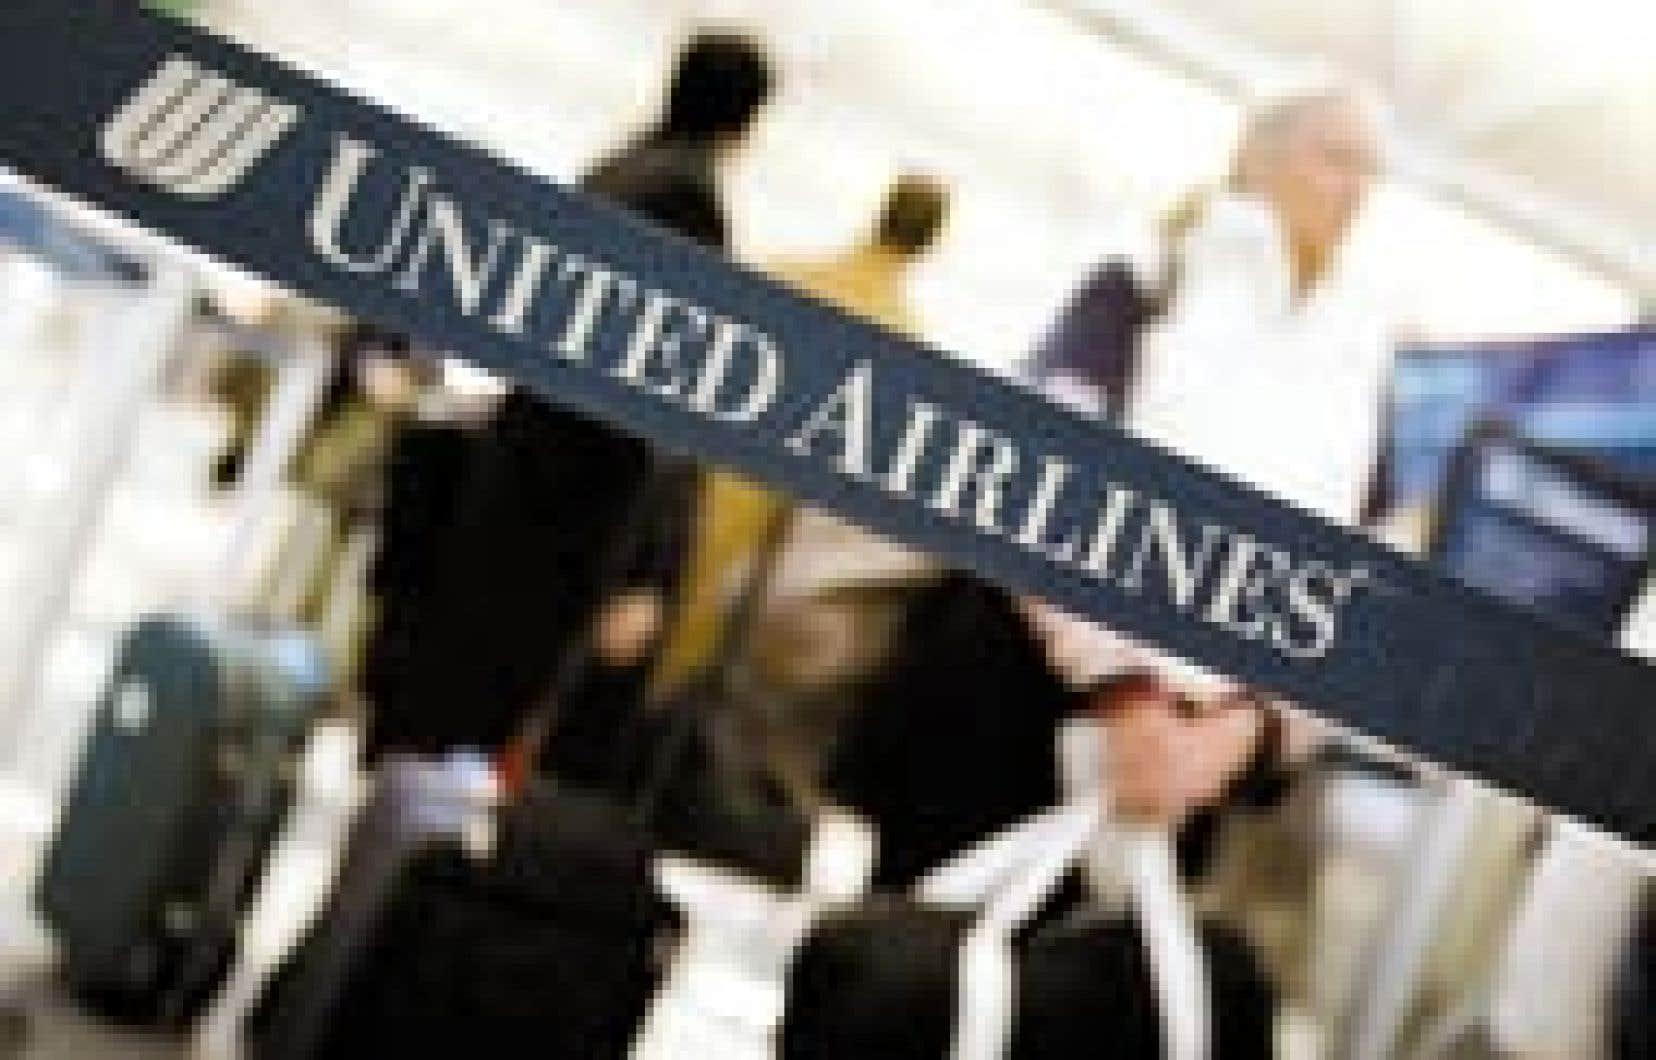 Des passagers patientent pour faire enregistrer leurs bagages à un comptoir d'United Airlines. UAL, deuxième transporteur des États-Unis pour son trafic, s'était placé sous la protection de la loi américaine sur les faillites — dite chapitre